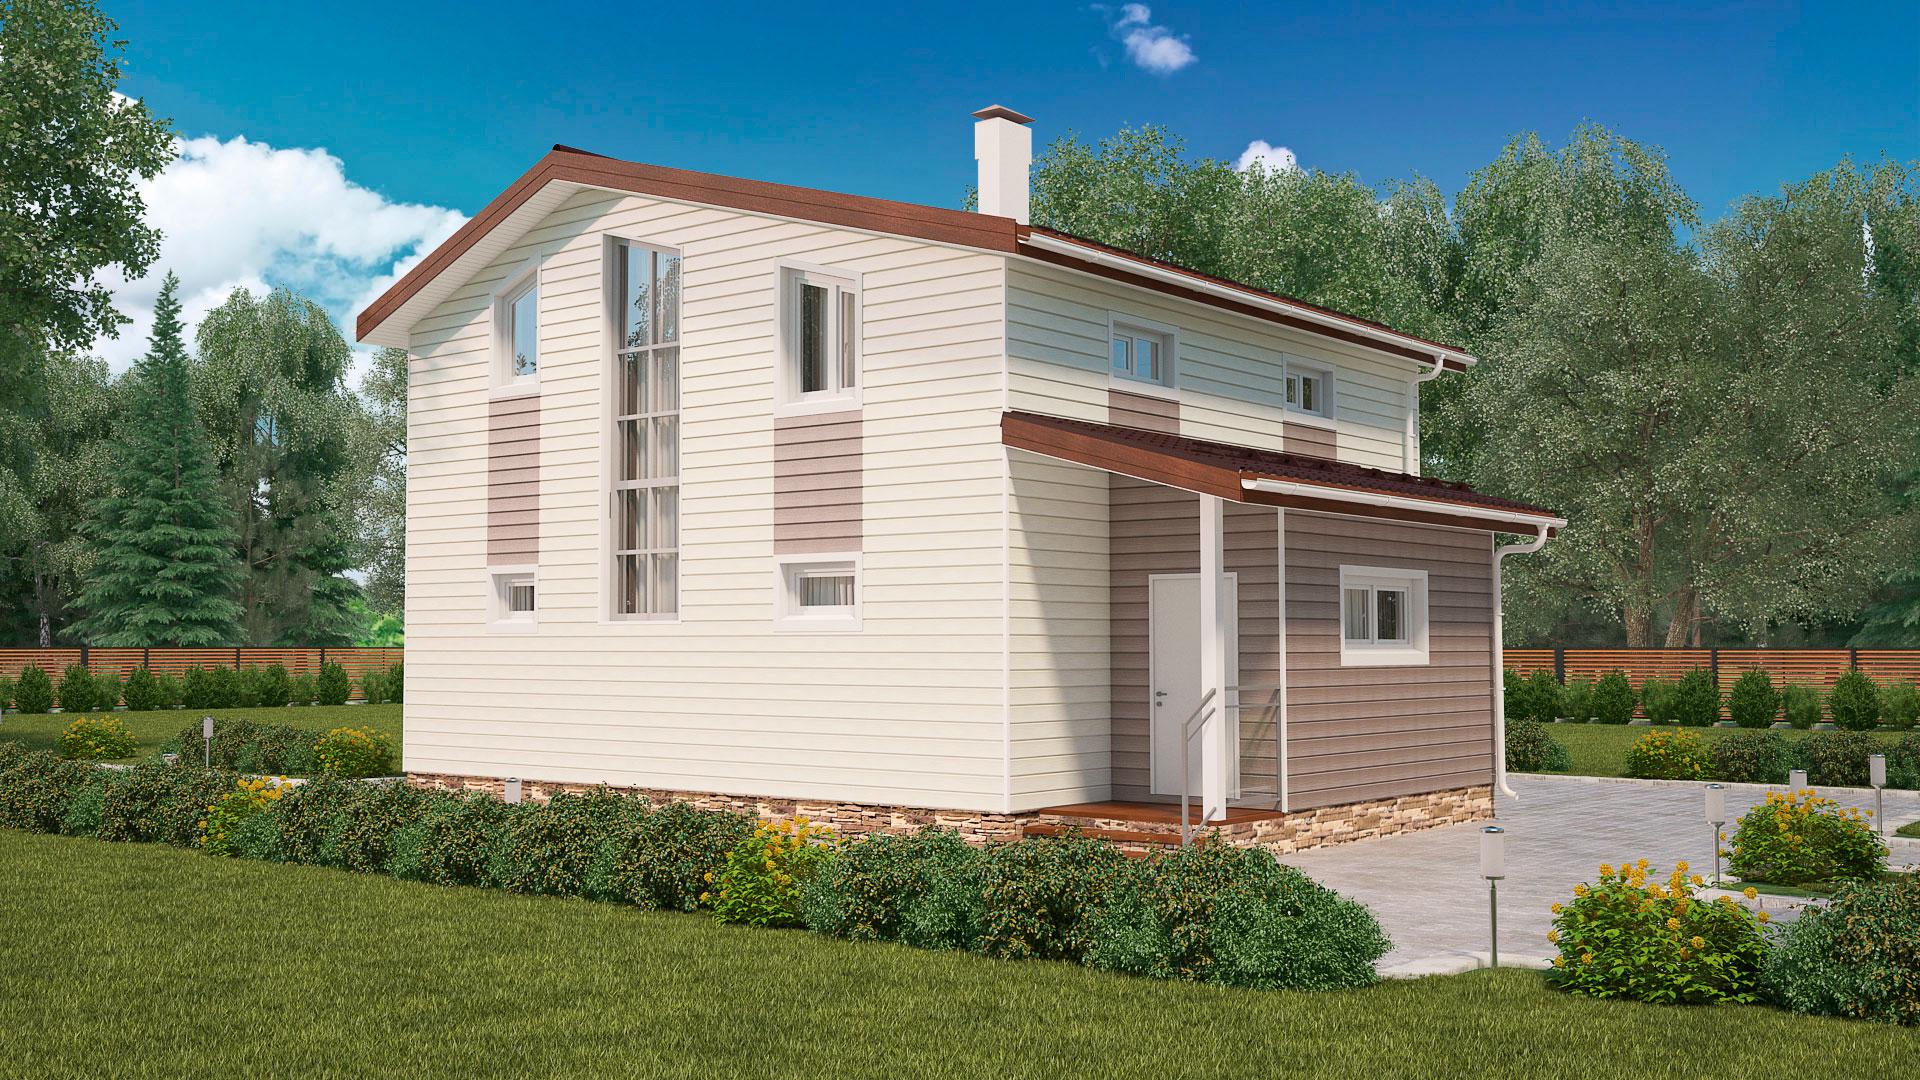 Передний и боковой фасады двухэтажного загородного дома, проект БЭНПАН МС-152.